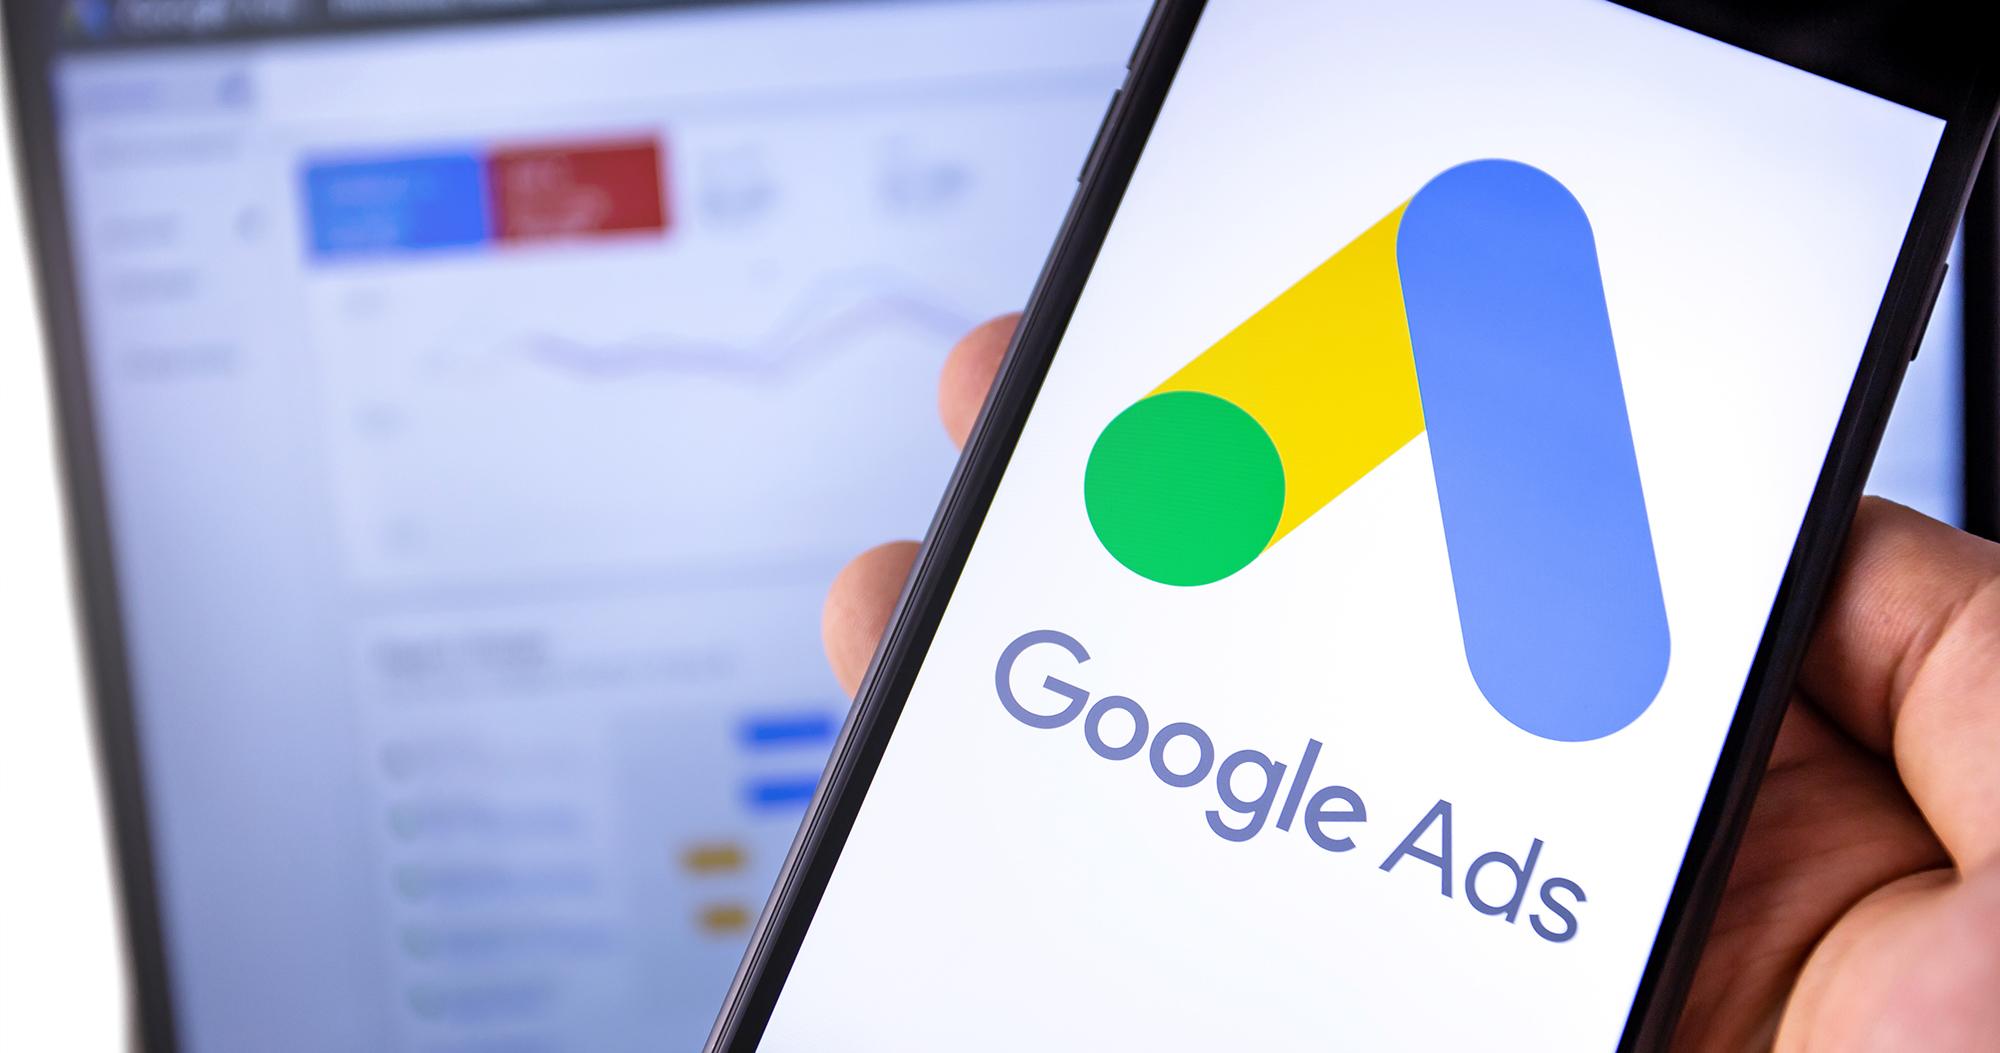 動的検索広告(DSA)とは?流入の86%は今まで集客できていなかったユーザー